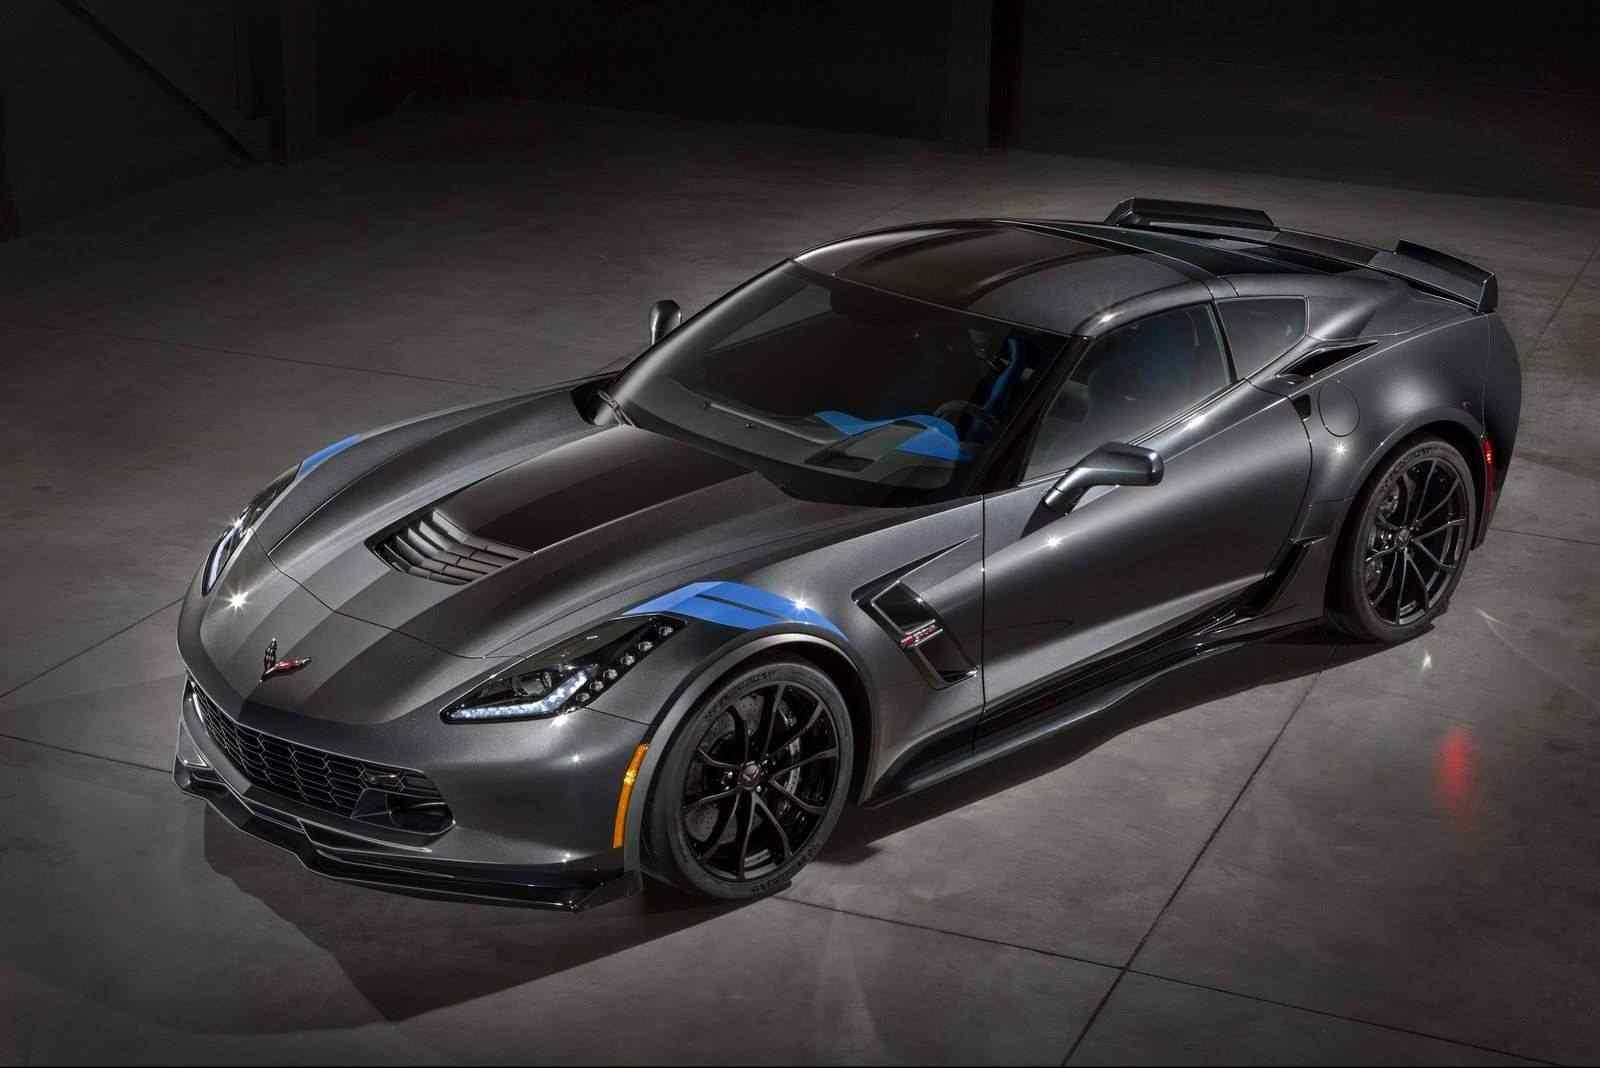 2017-Chevrolet-Corvette-Grand-Sport-1